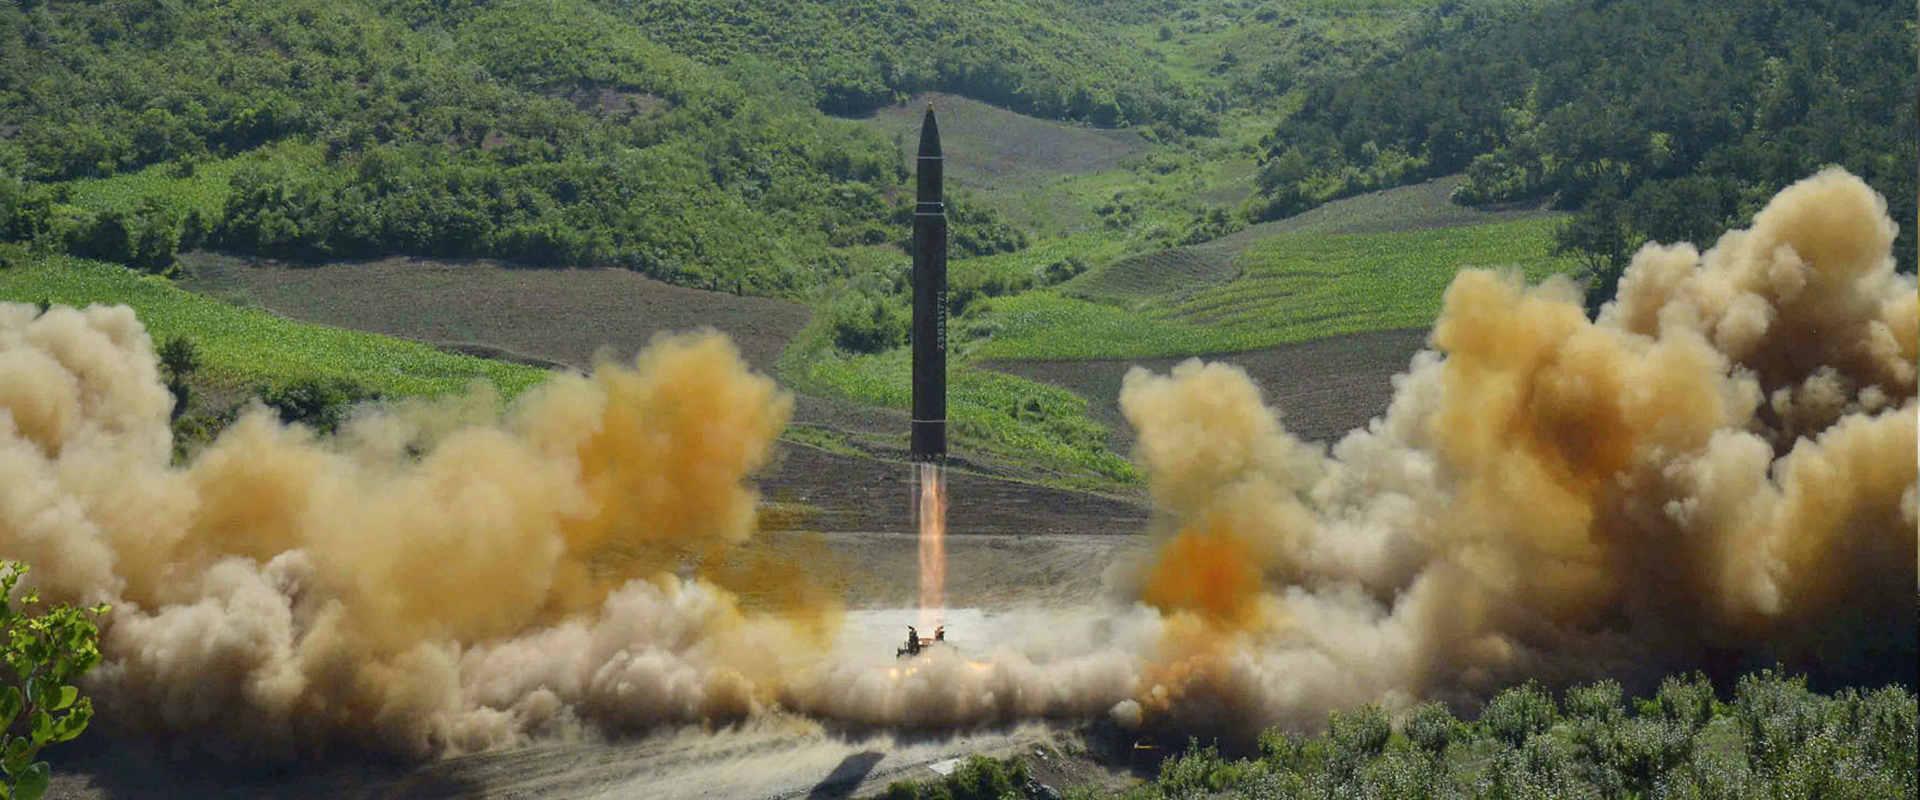 ניסוי גרעיני קודם של קוריאה הצפונית